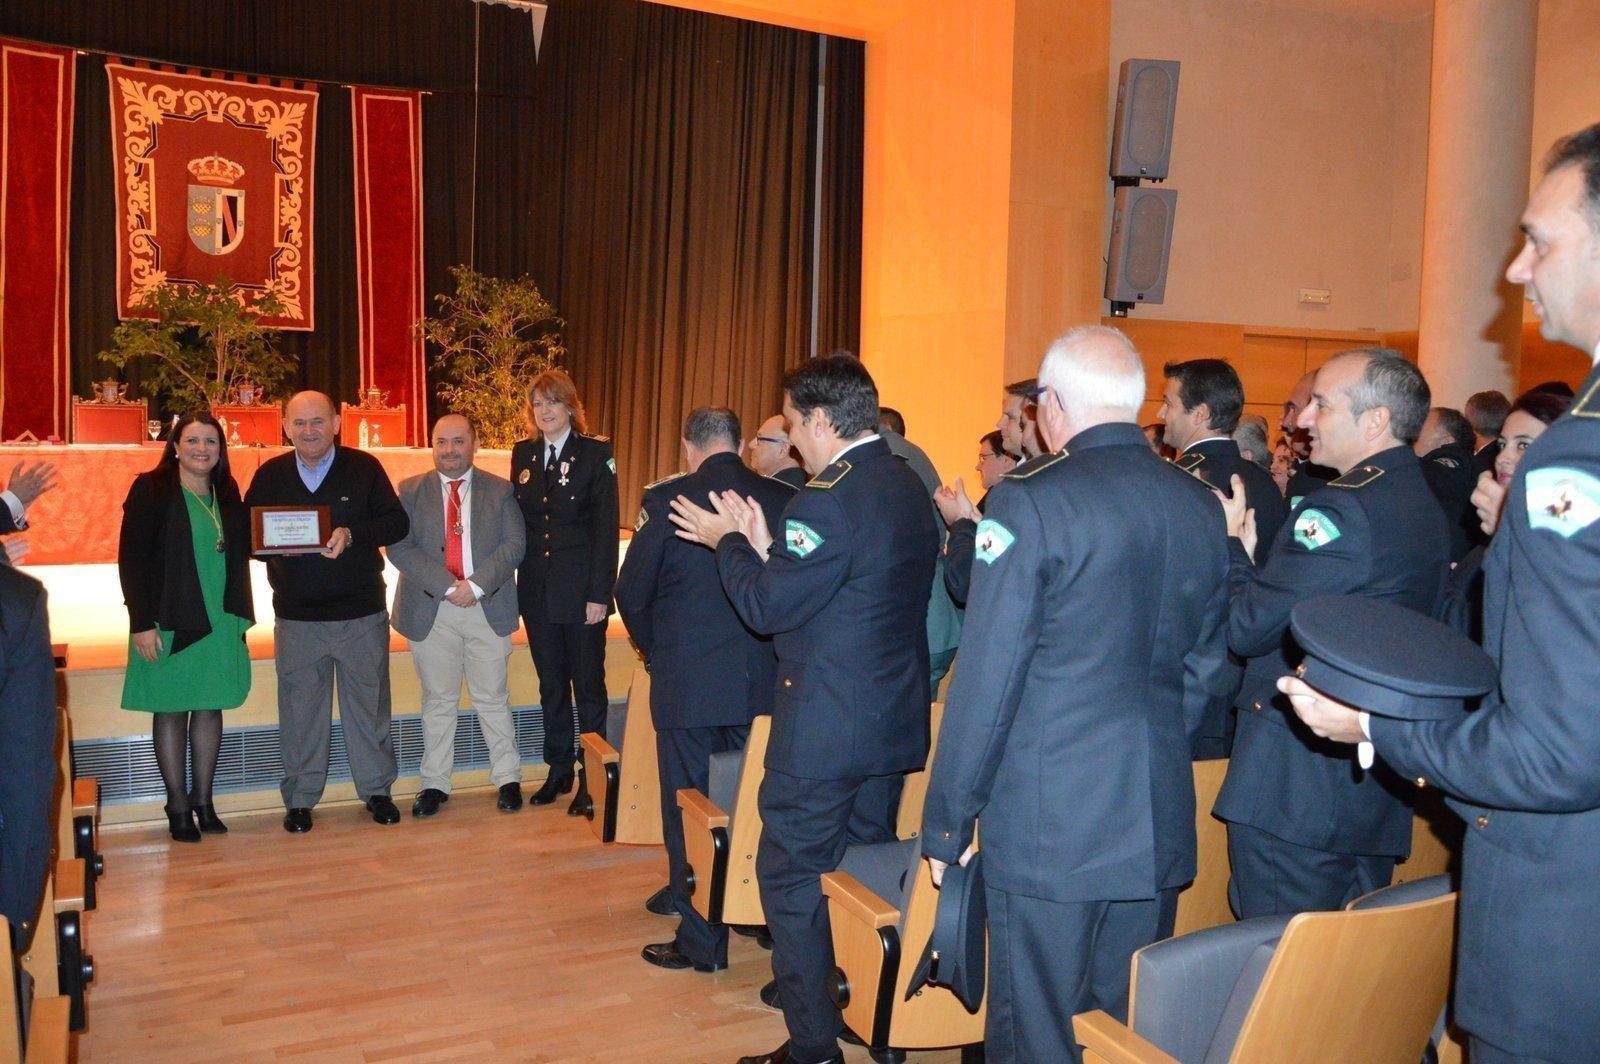 Día de la patrona de policia local de almonte